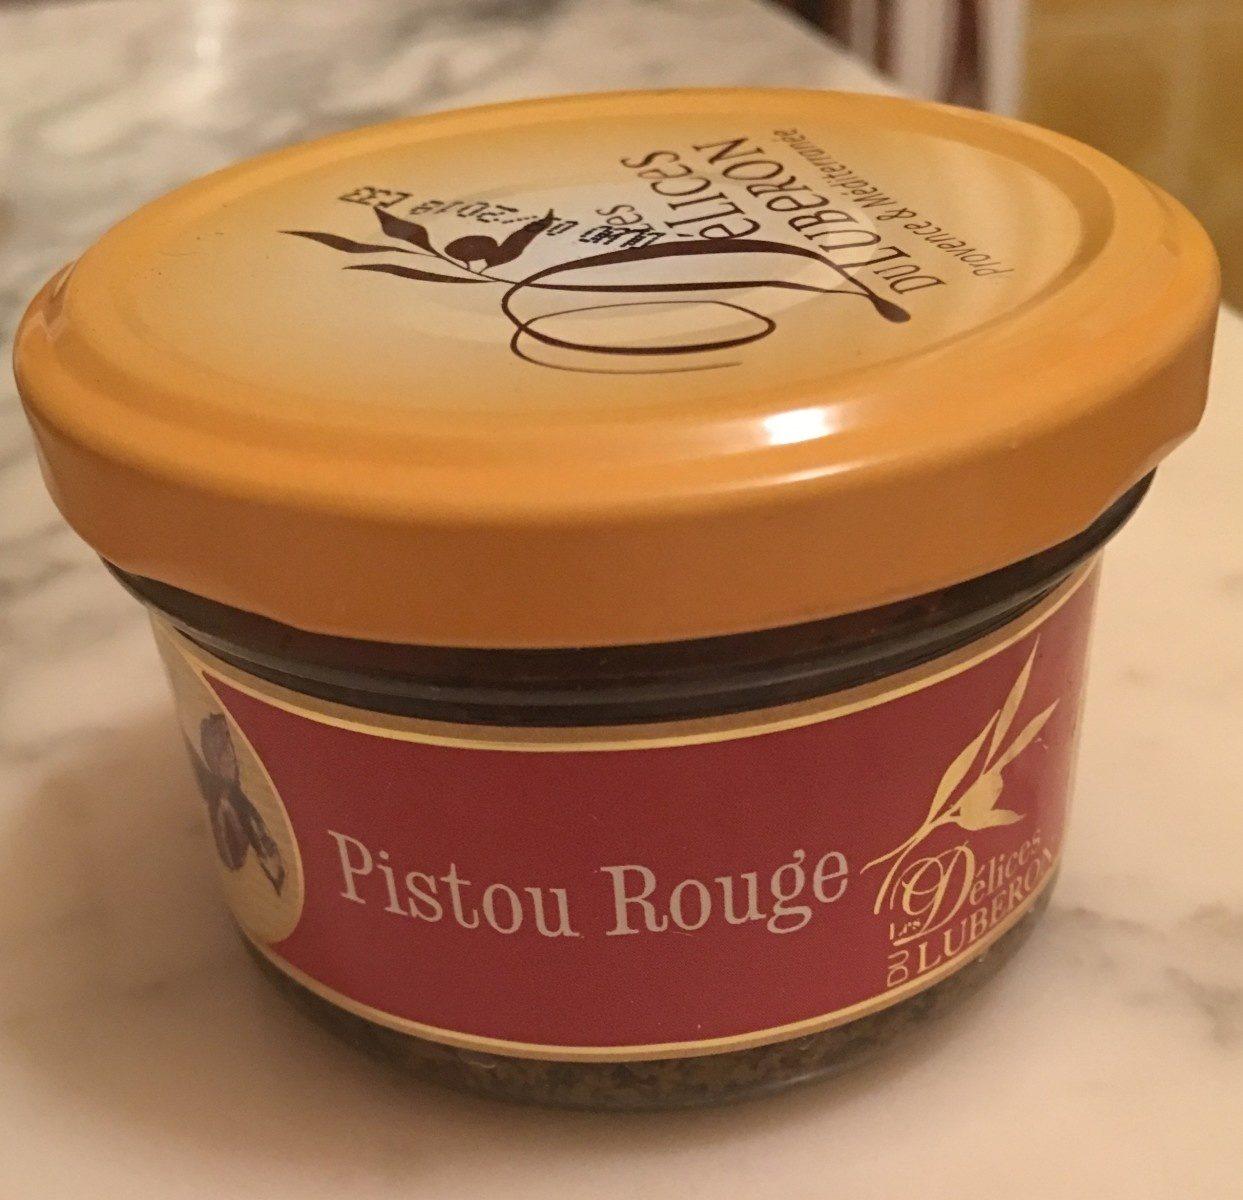 Pistou rouge - Produit